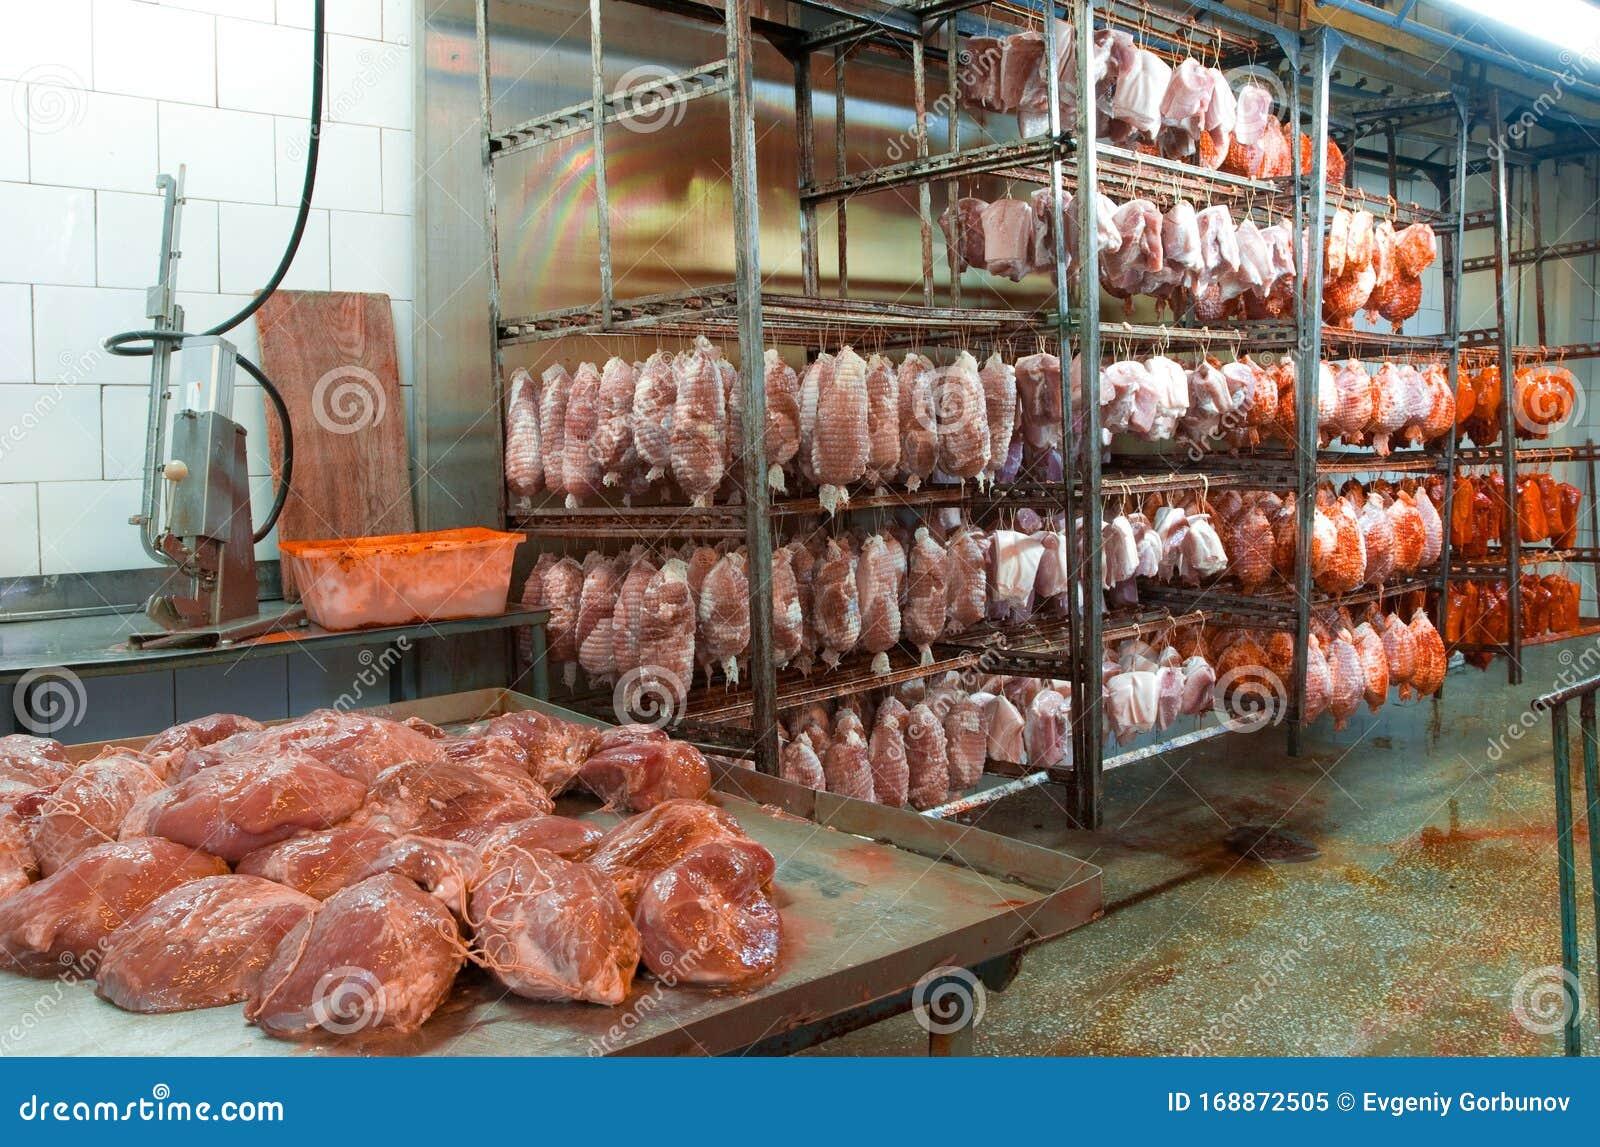 Конвейер для обработки мяса элеватор бот